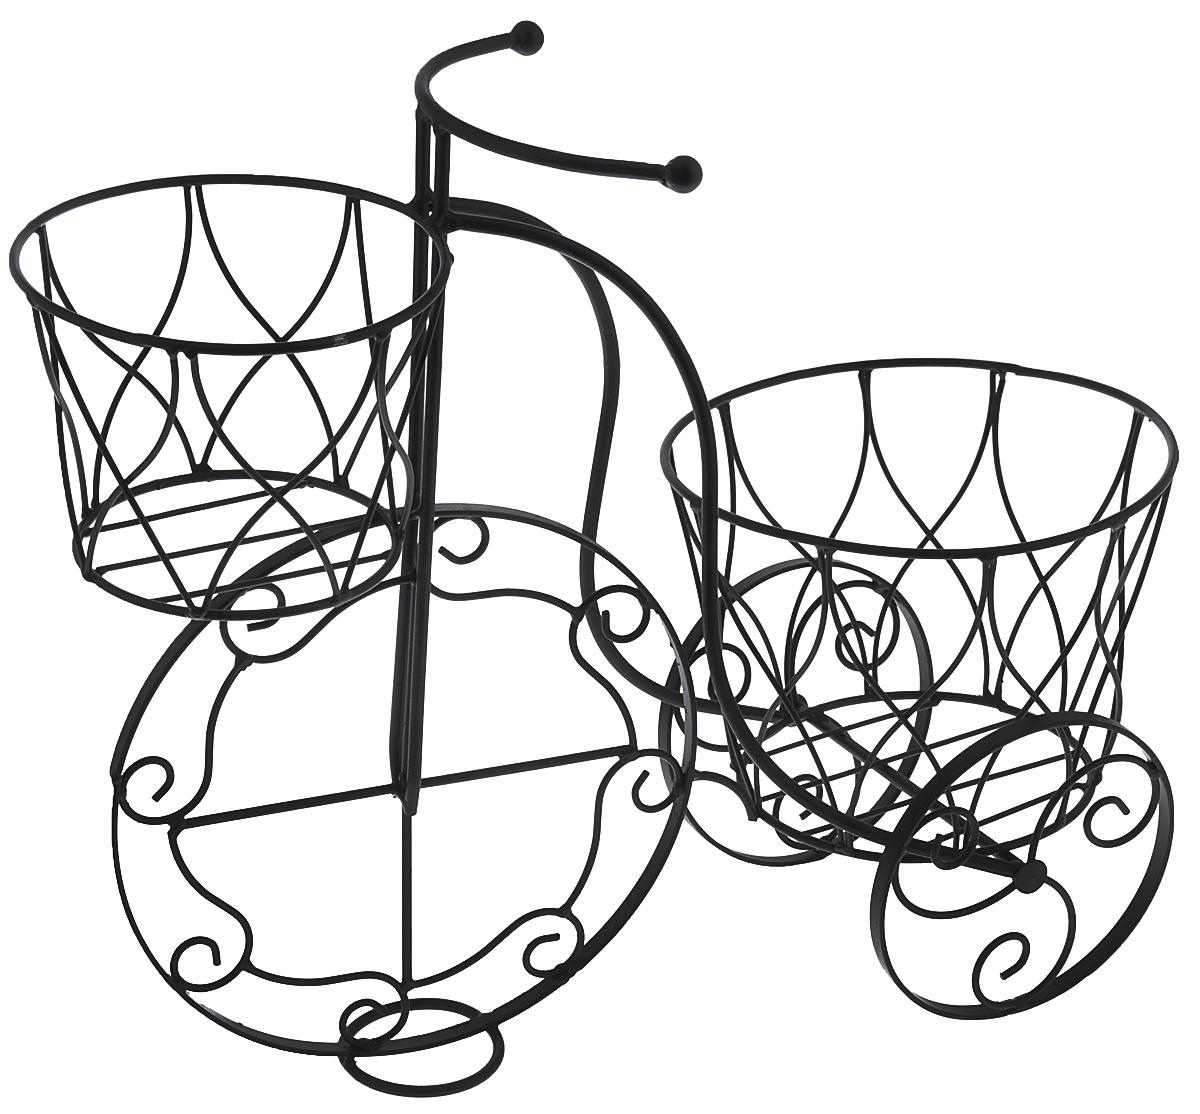 Кашпо Велосипед, цвет: черный, 41 х 18 х 35 см549-181Кашпо Велосипед изготовлено из металла в виде велосипеда. Кашпо имеет два отделения для горшков. Кашпо - декоративная ваза для цветочных горшков.Фигурные кашпо для цветов служат объектом декора помещения. Дом, украшенный фигурными кашпо, приобретает свою оригинальность, свой характер. Неожиданные и оригинальные кашпо для цветов - это самый простой и доступный способ сделать дом, дачу или приусадебную территорию неповторимыми. Кашпо Велосипед - красивый и оригинальный сувенир для друзей и близких.Размер кашпо: 41 см х 18 см х 35 см. Диаметр маленького отделения: 14 см. Диаметр большого отделения: 18 см.